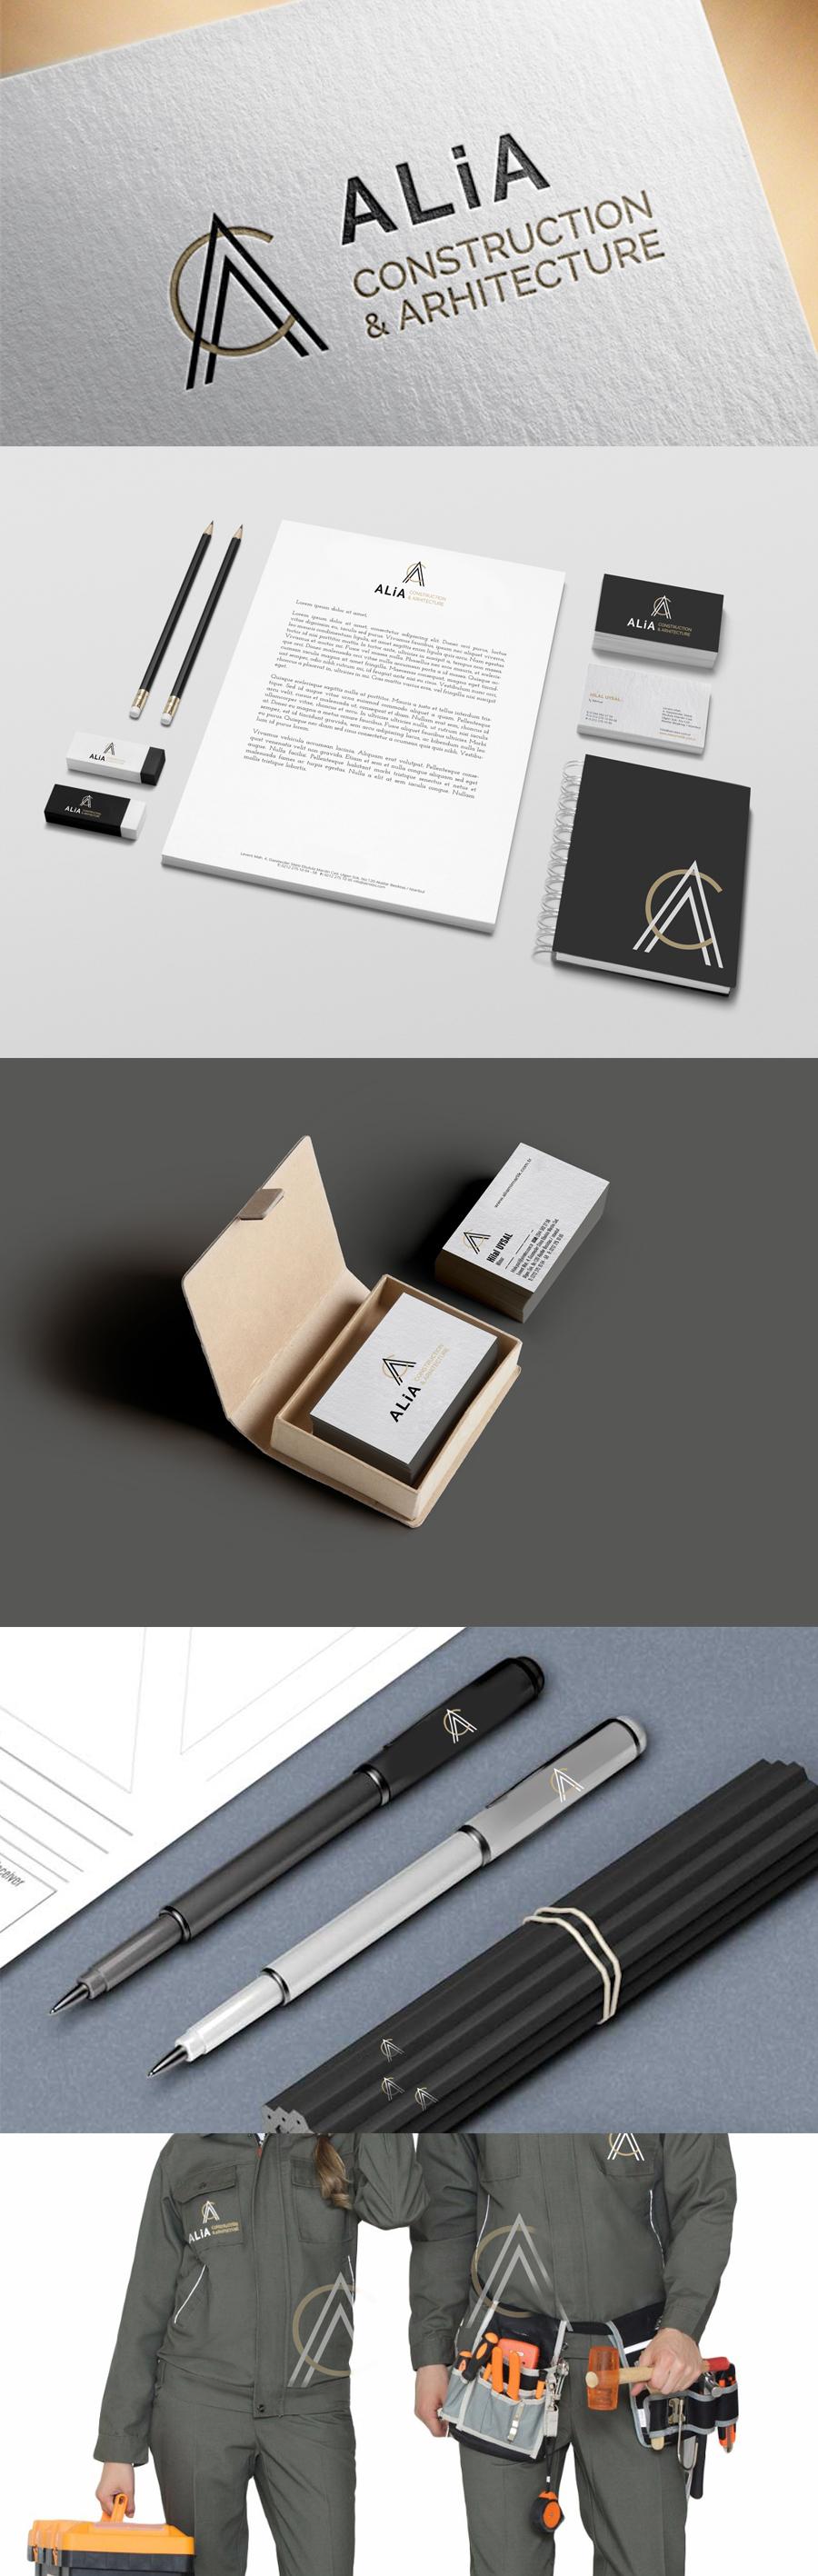 alia-mimarlik-logo-ve-kurumsal-kimlik-tasarimi